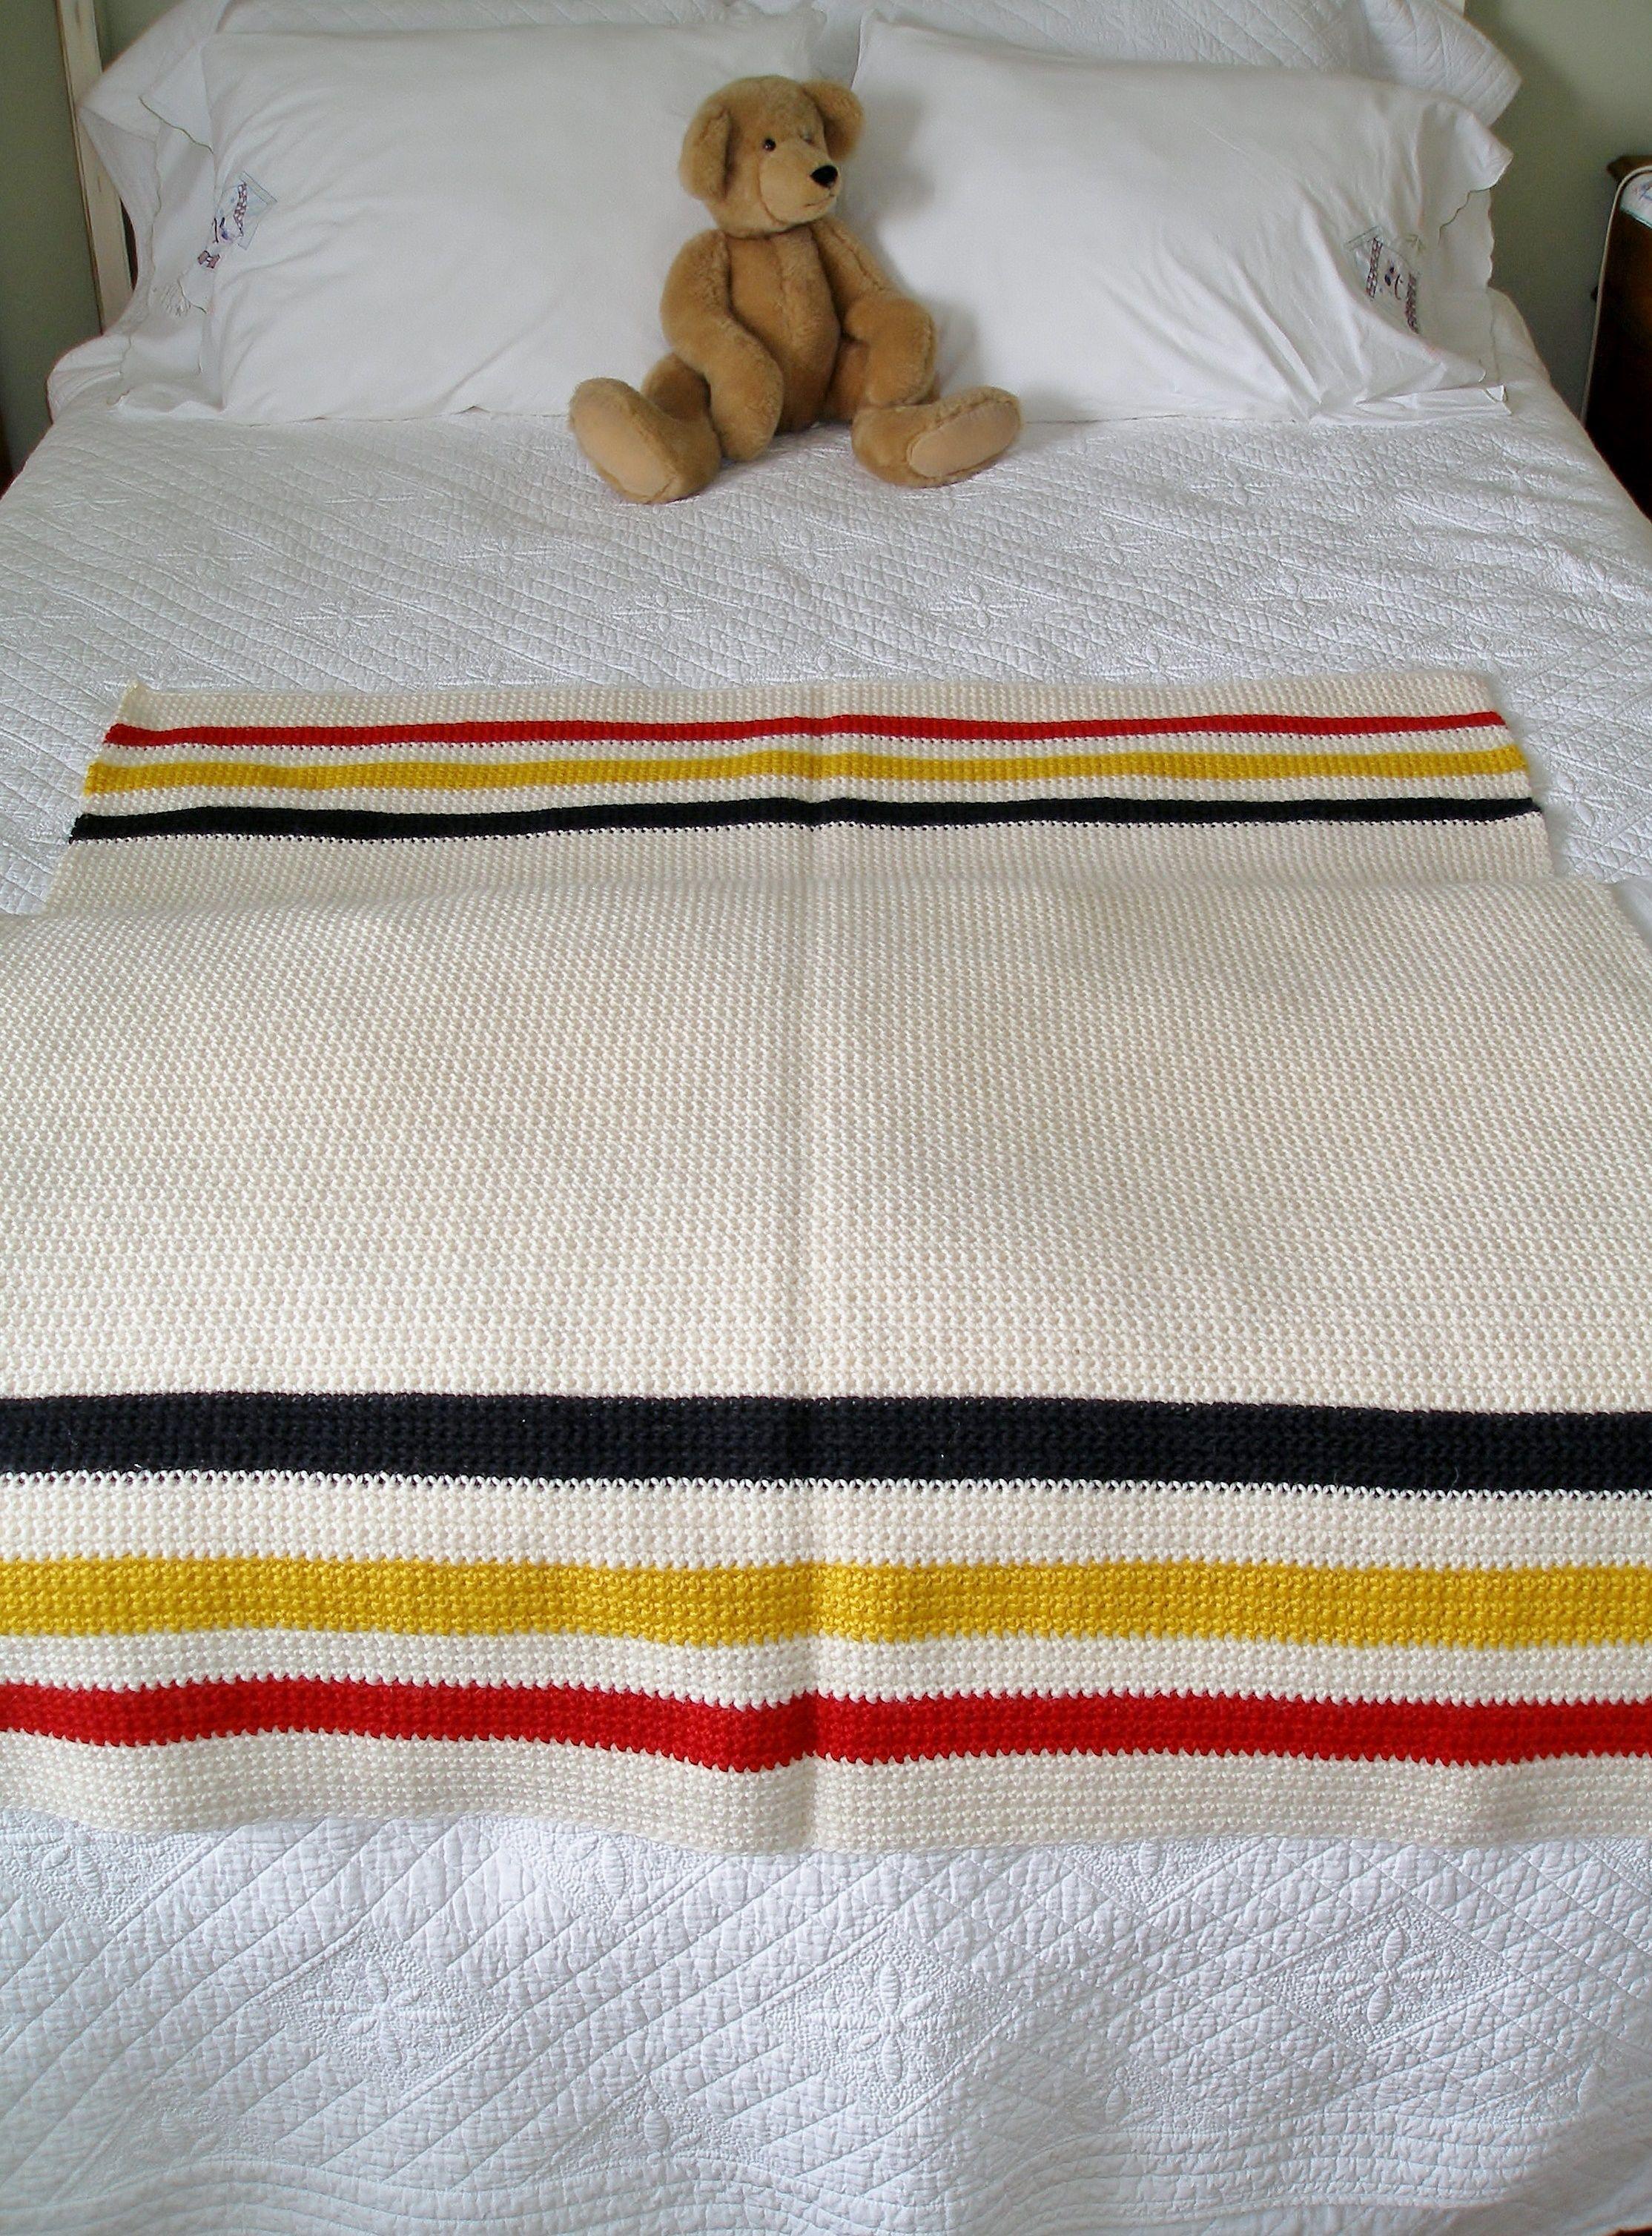 single crochet hudson bay blanket | Crochet | Pinterest